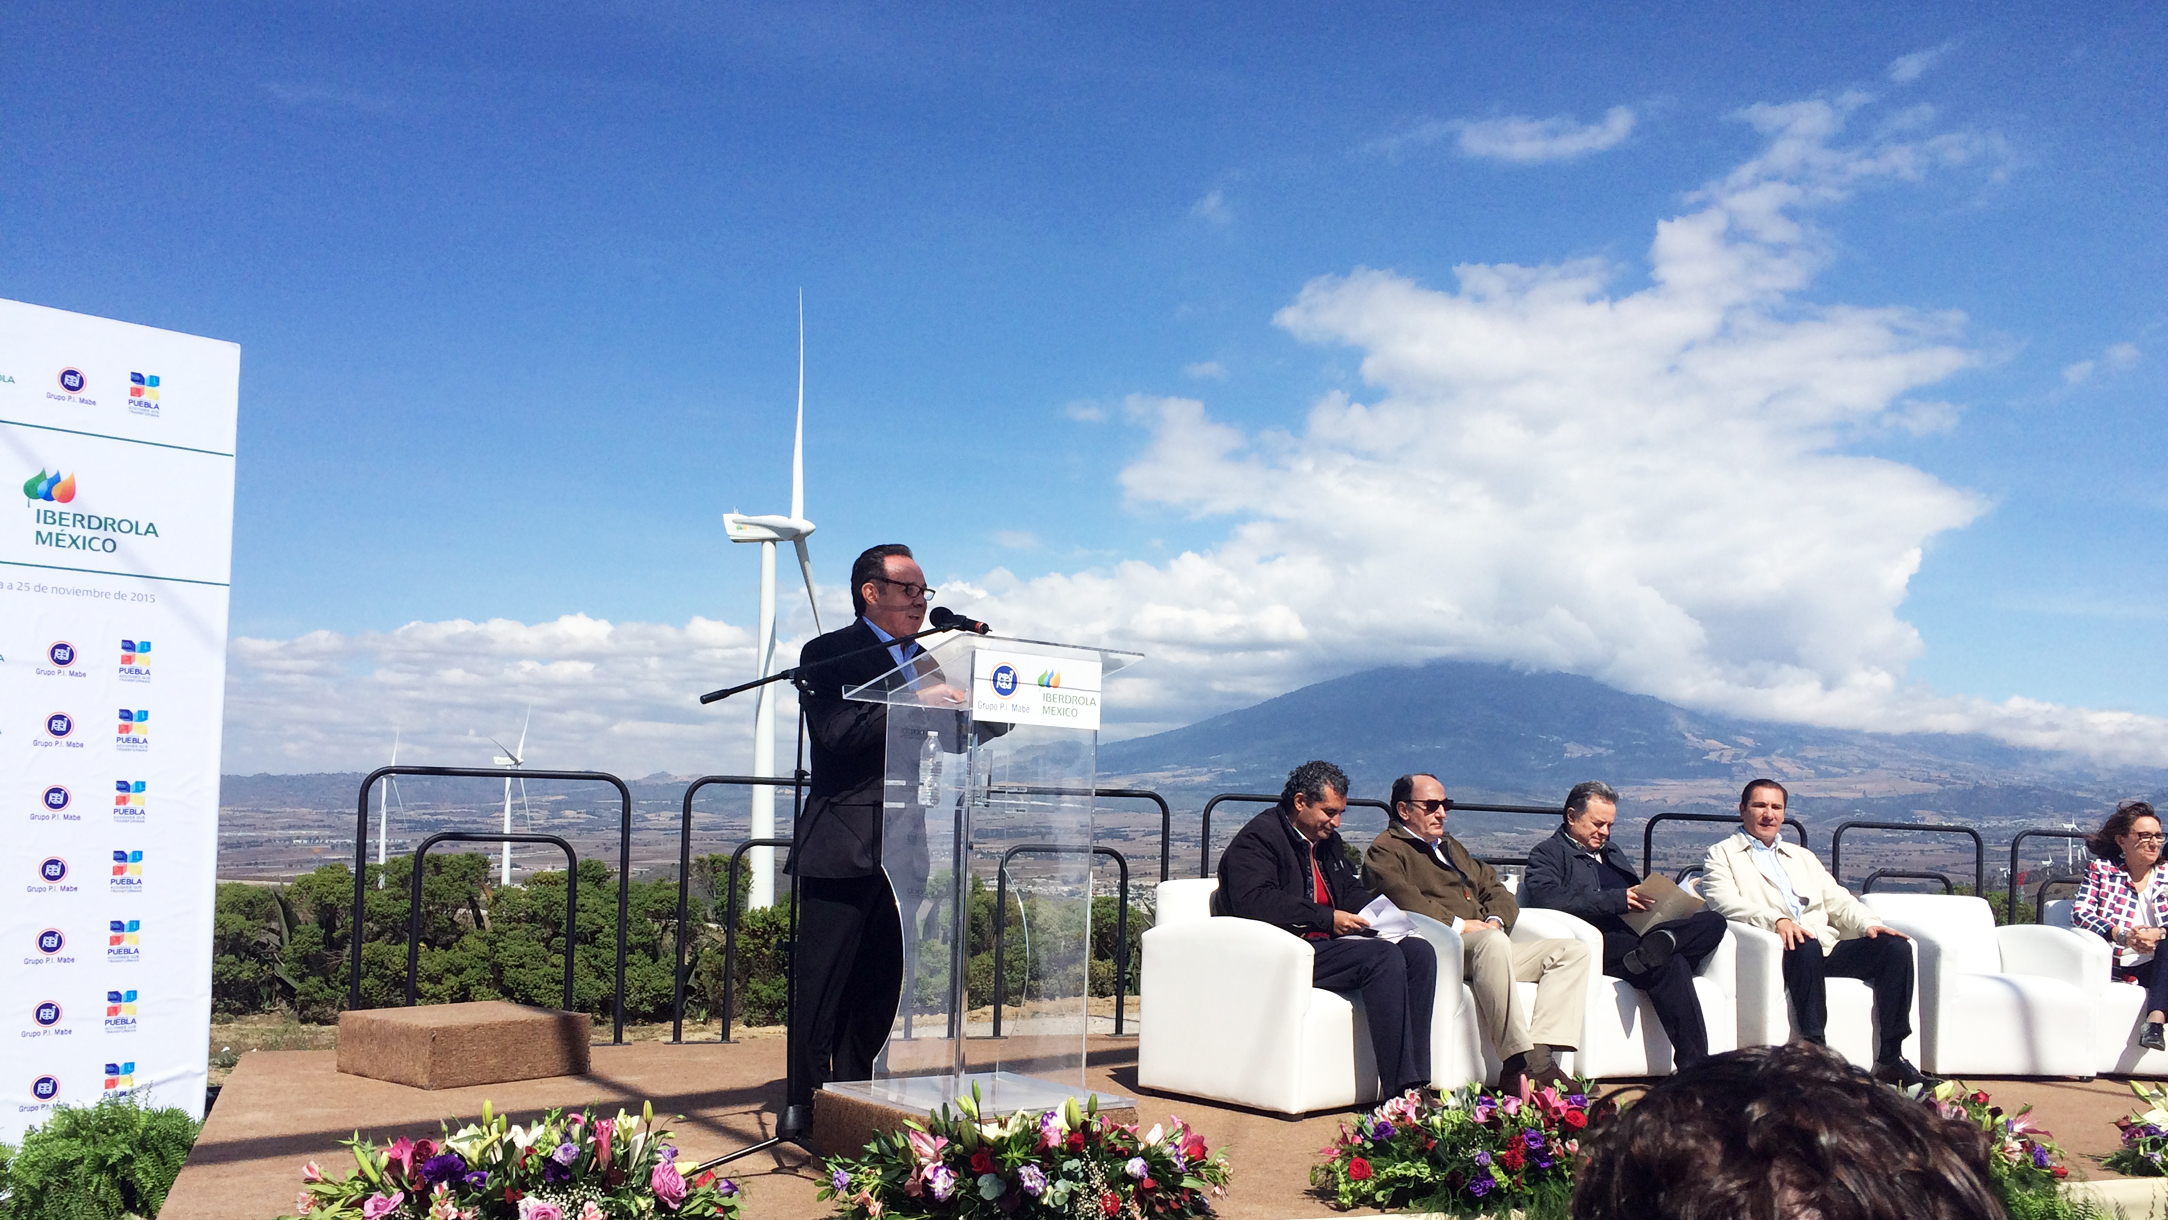 La mexicana Mabe y la española Iberdrola, ejemplo de buenas relaciones bilaterales